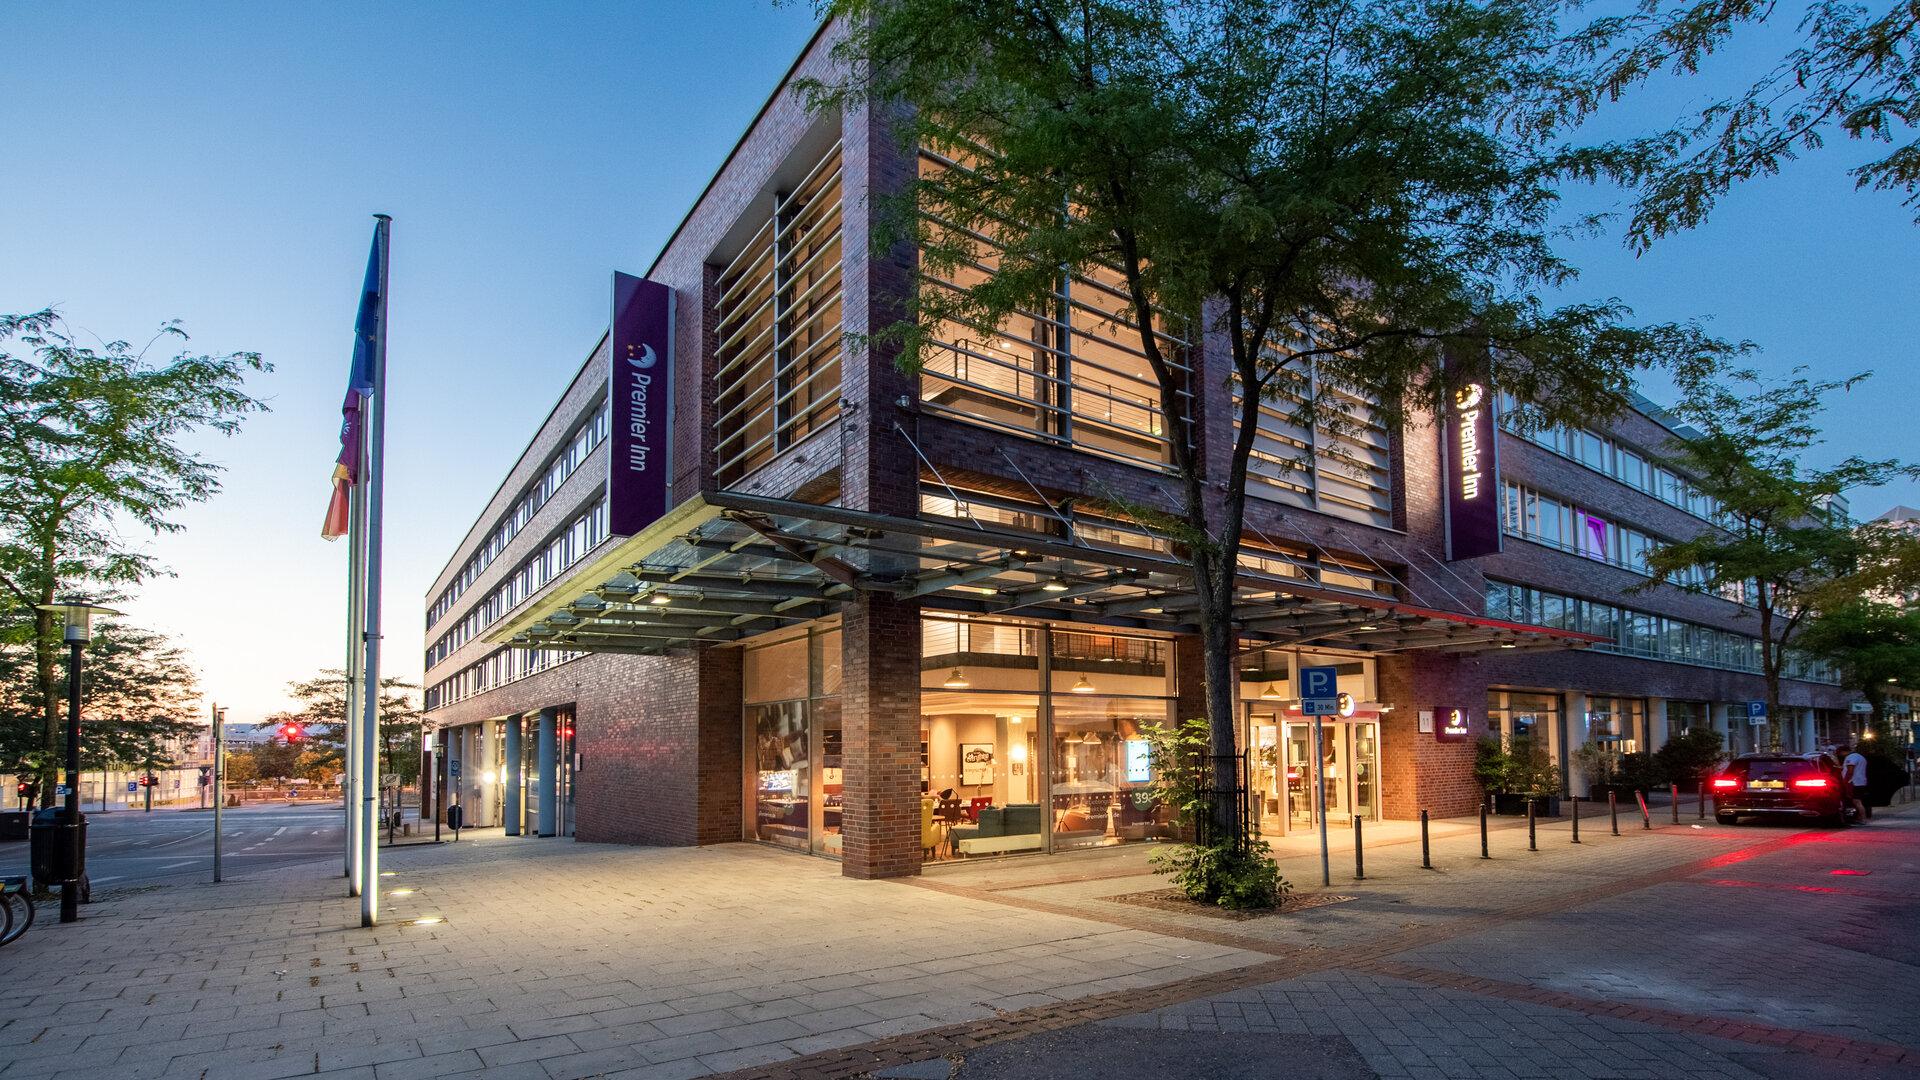 Premier Inn Essen City Limbecker Platz